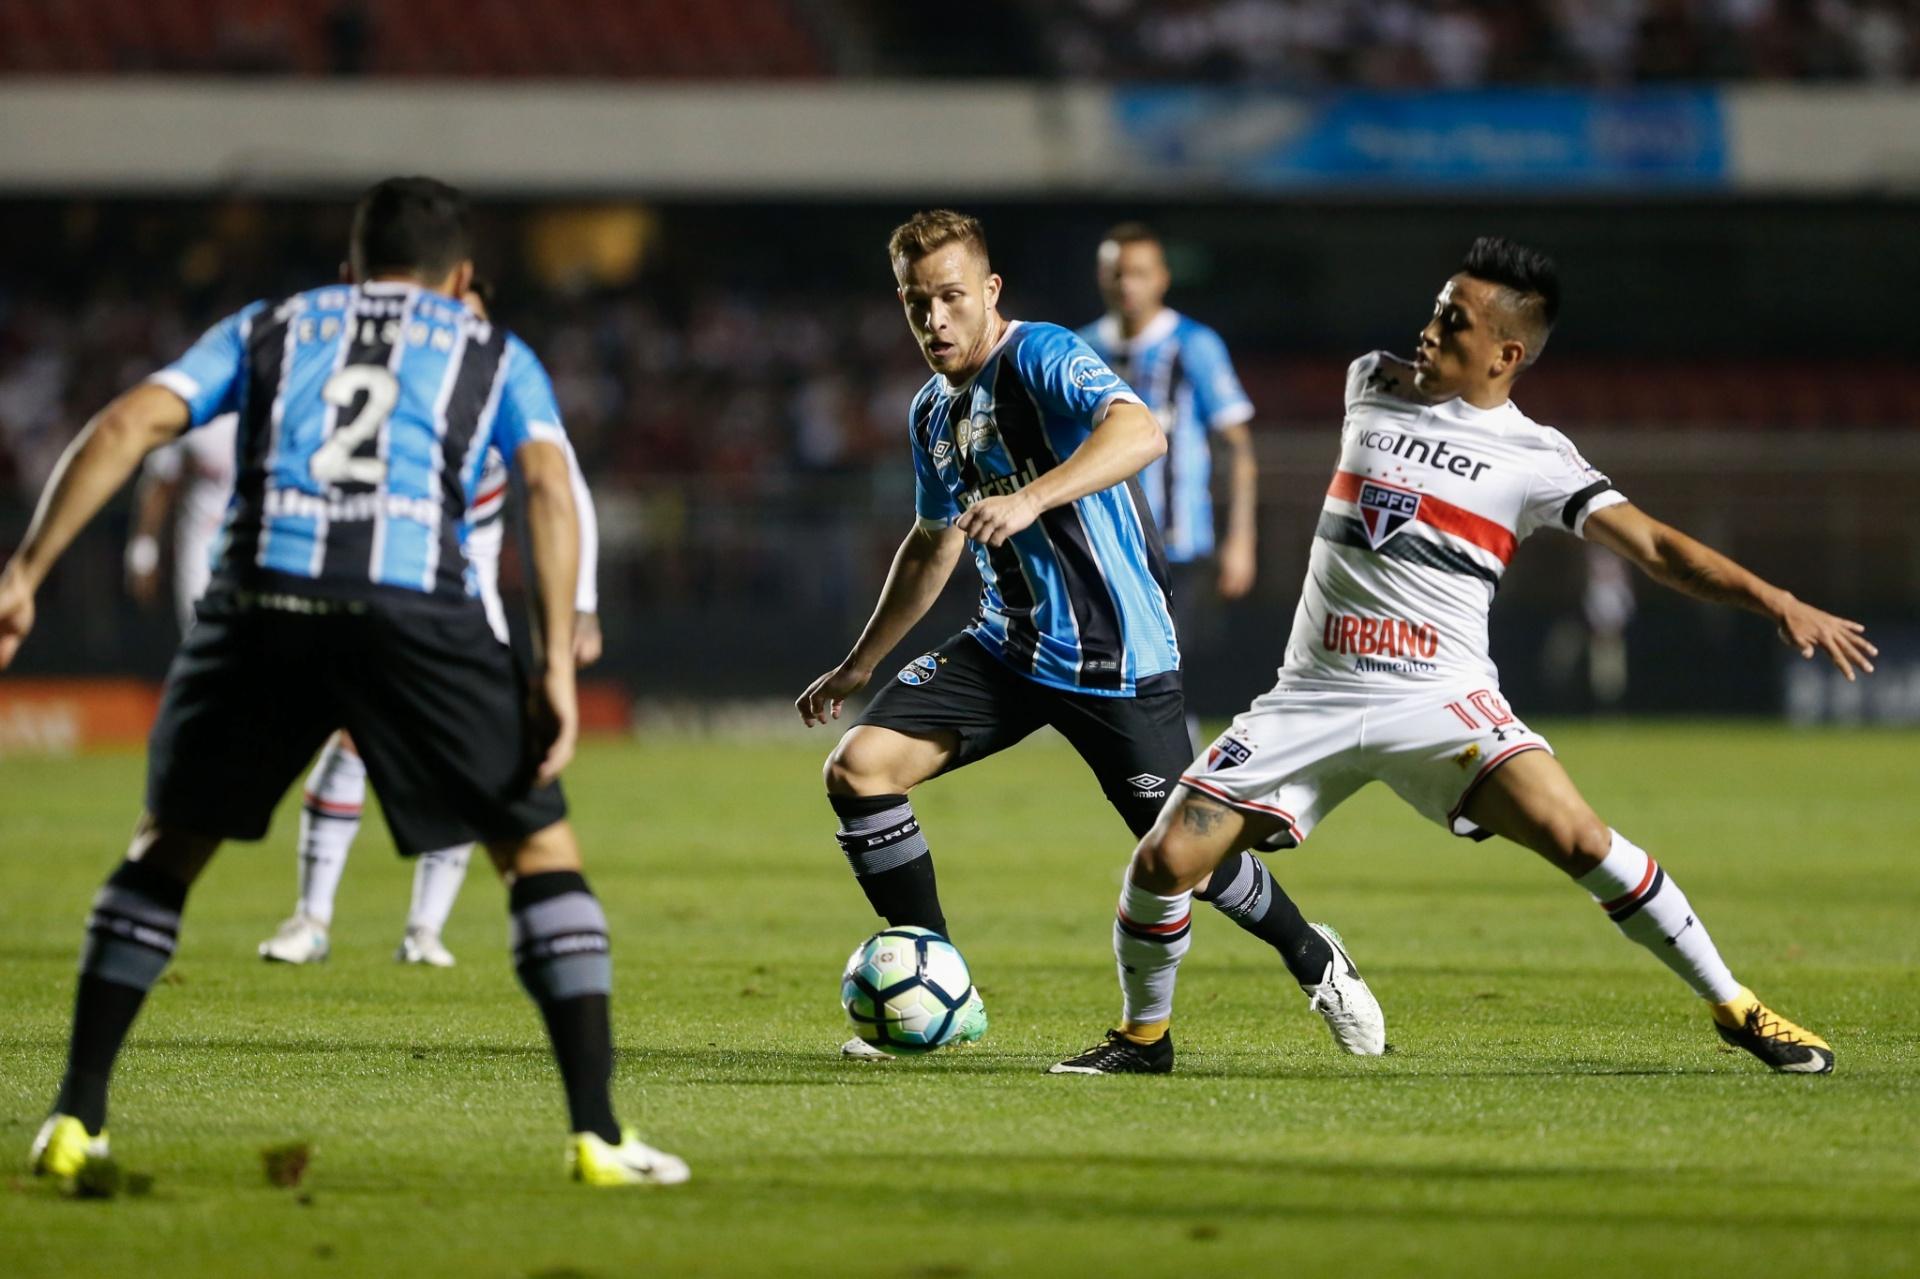 Grêmio volta com força (quase) máxima ao Brasileiro. Veja o que mudou -  02 09 2017 - UOL Esporte cba24fecb1e70